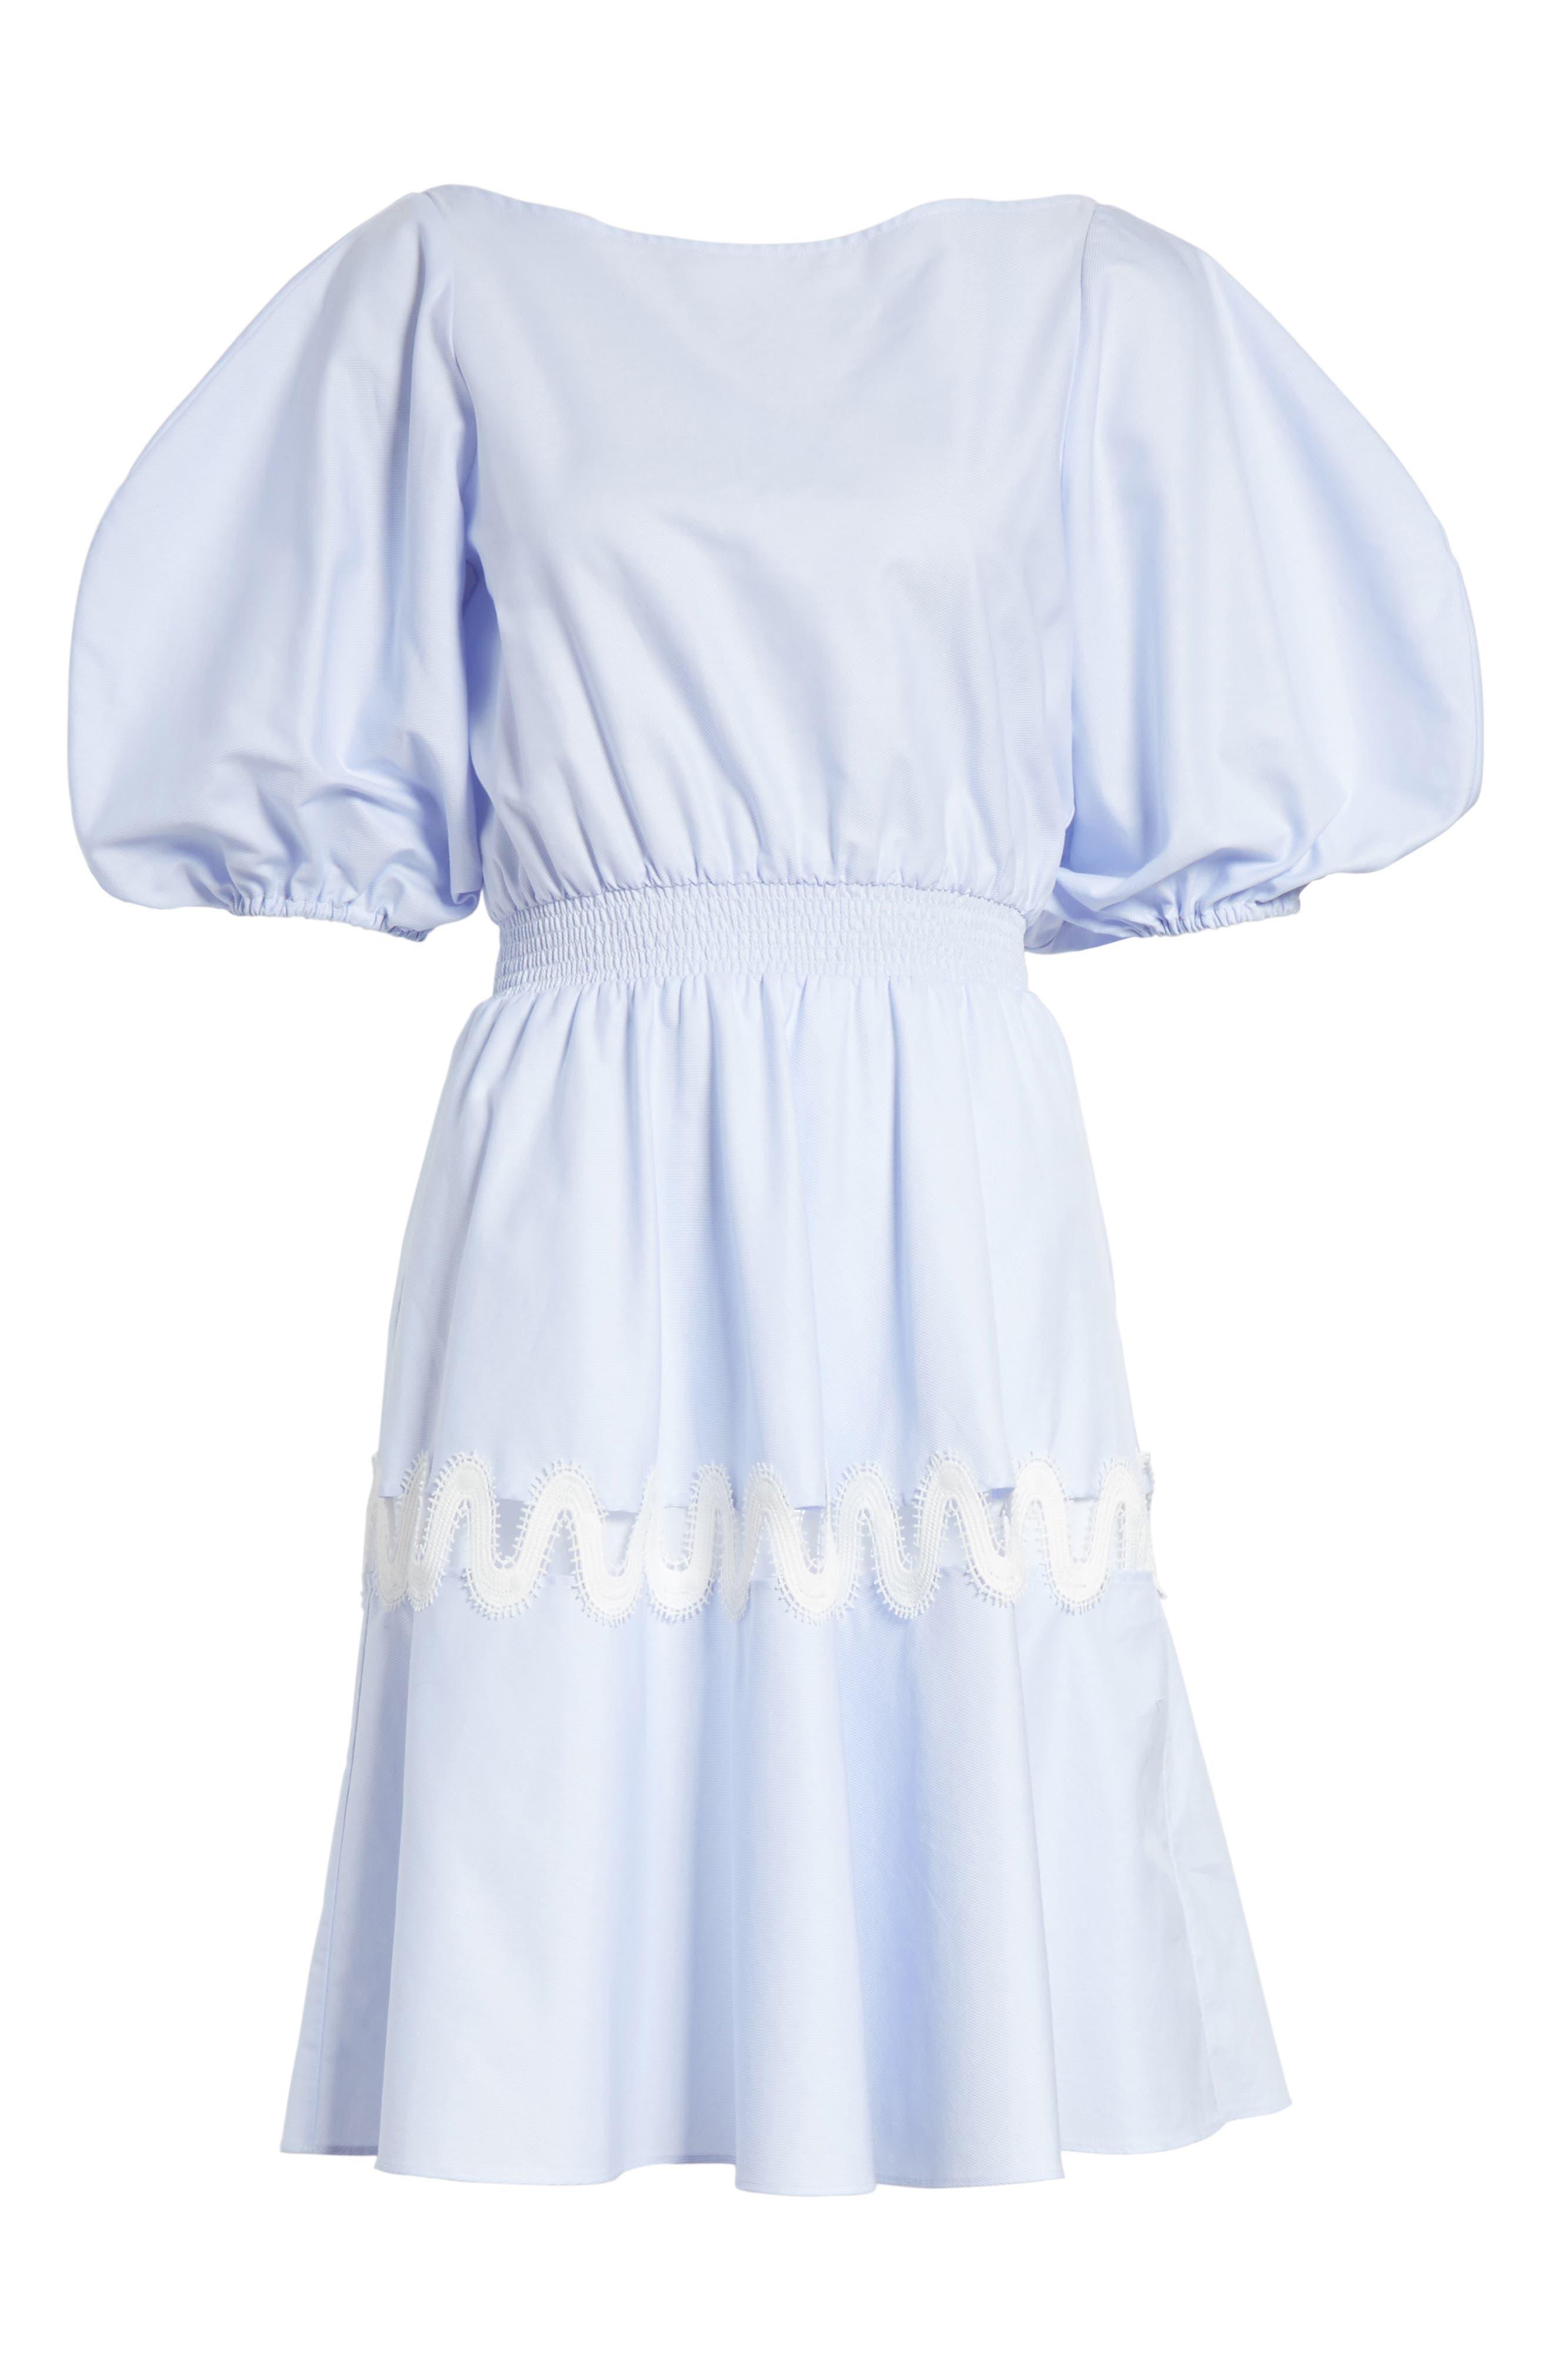 Prose & Poetry Charleene Cotton Balloon Sleeve Dress,                             Alternate thumbnail 6, color,